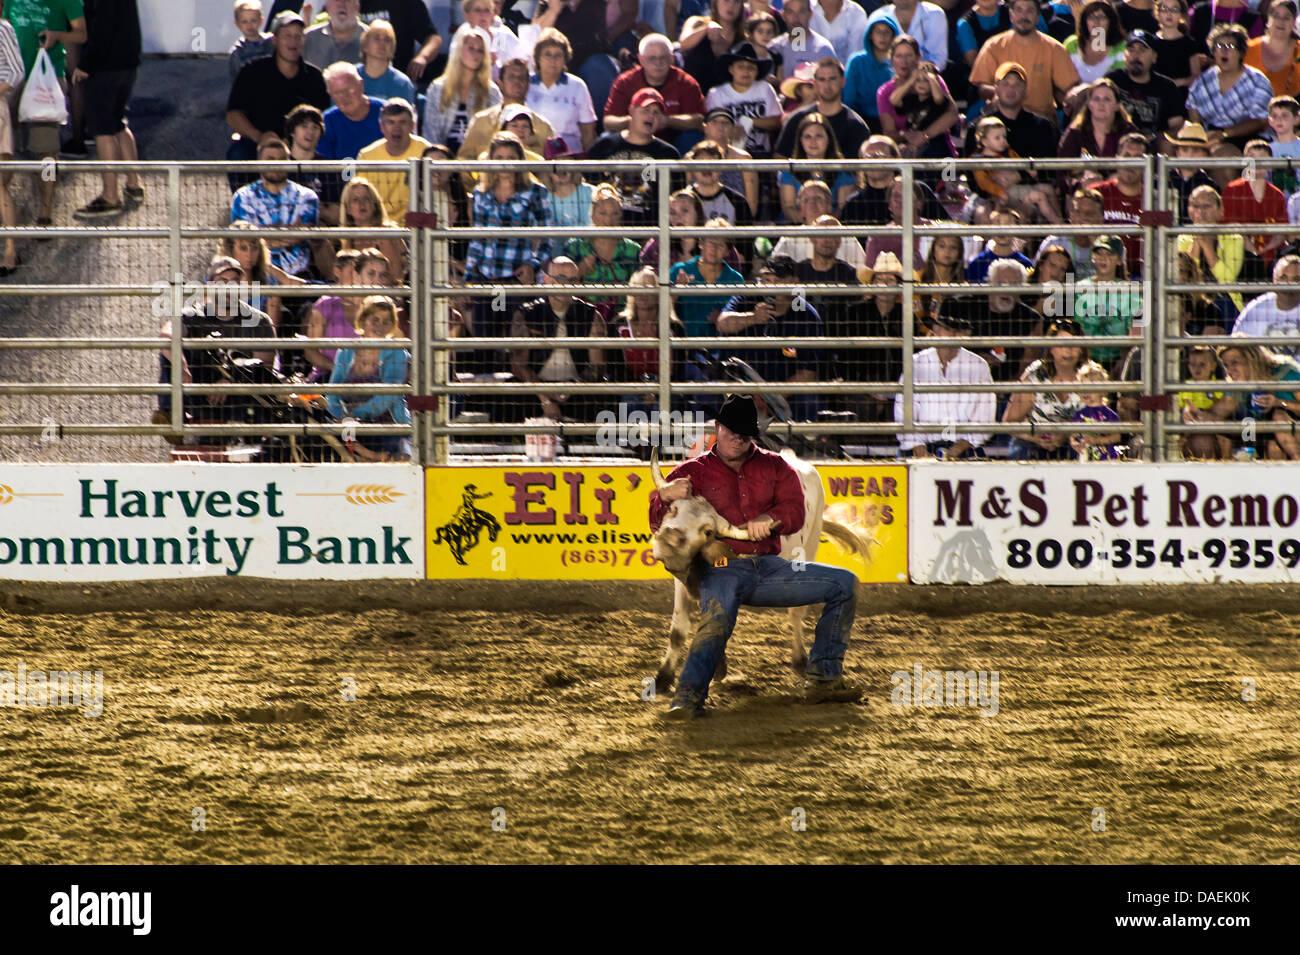 Steer evento di wrestling al rodeo, Cowtown, New Jersey, STATI UNITI D'AMERICA Immagini Stock